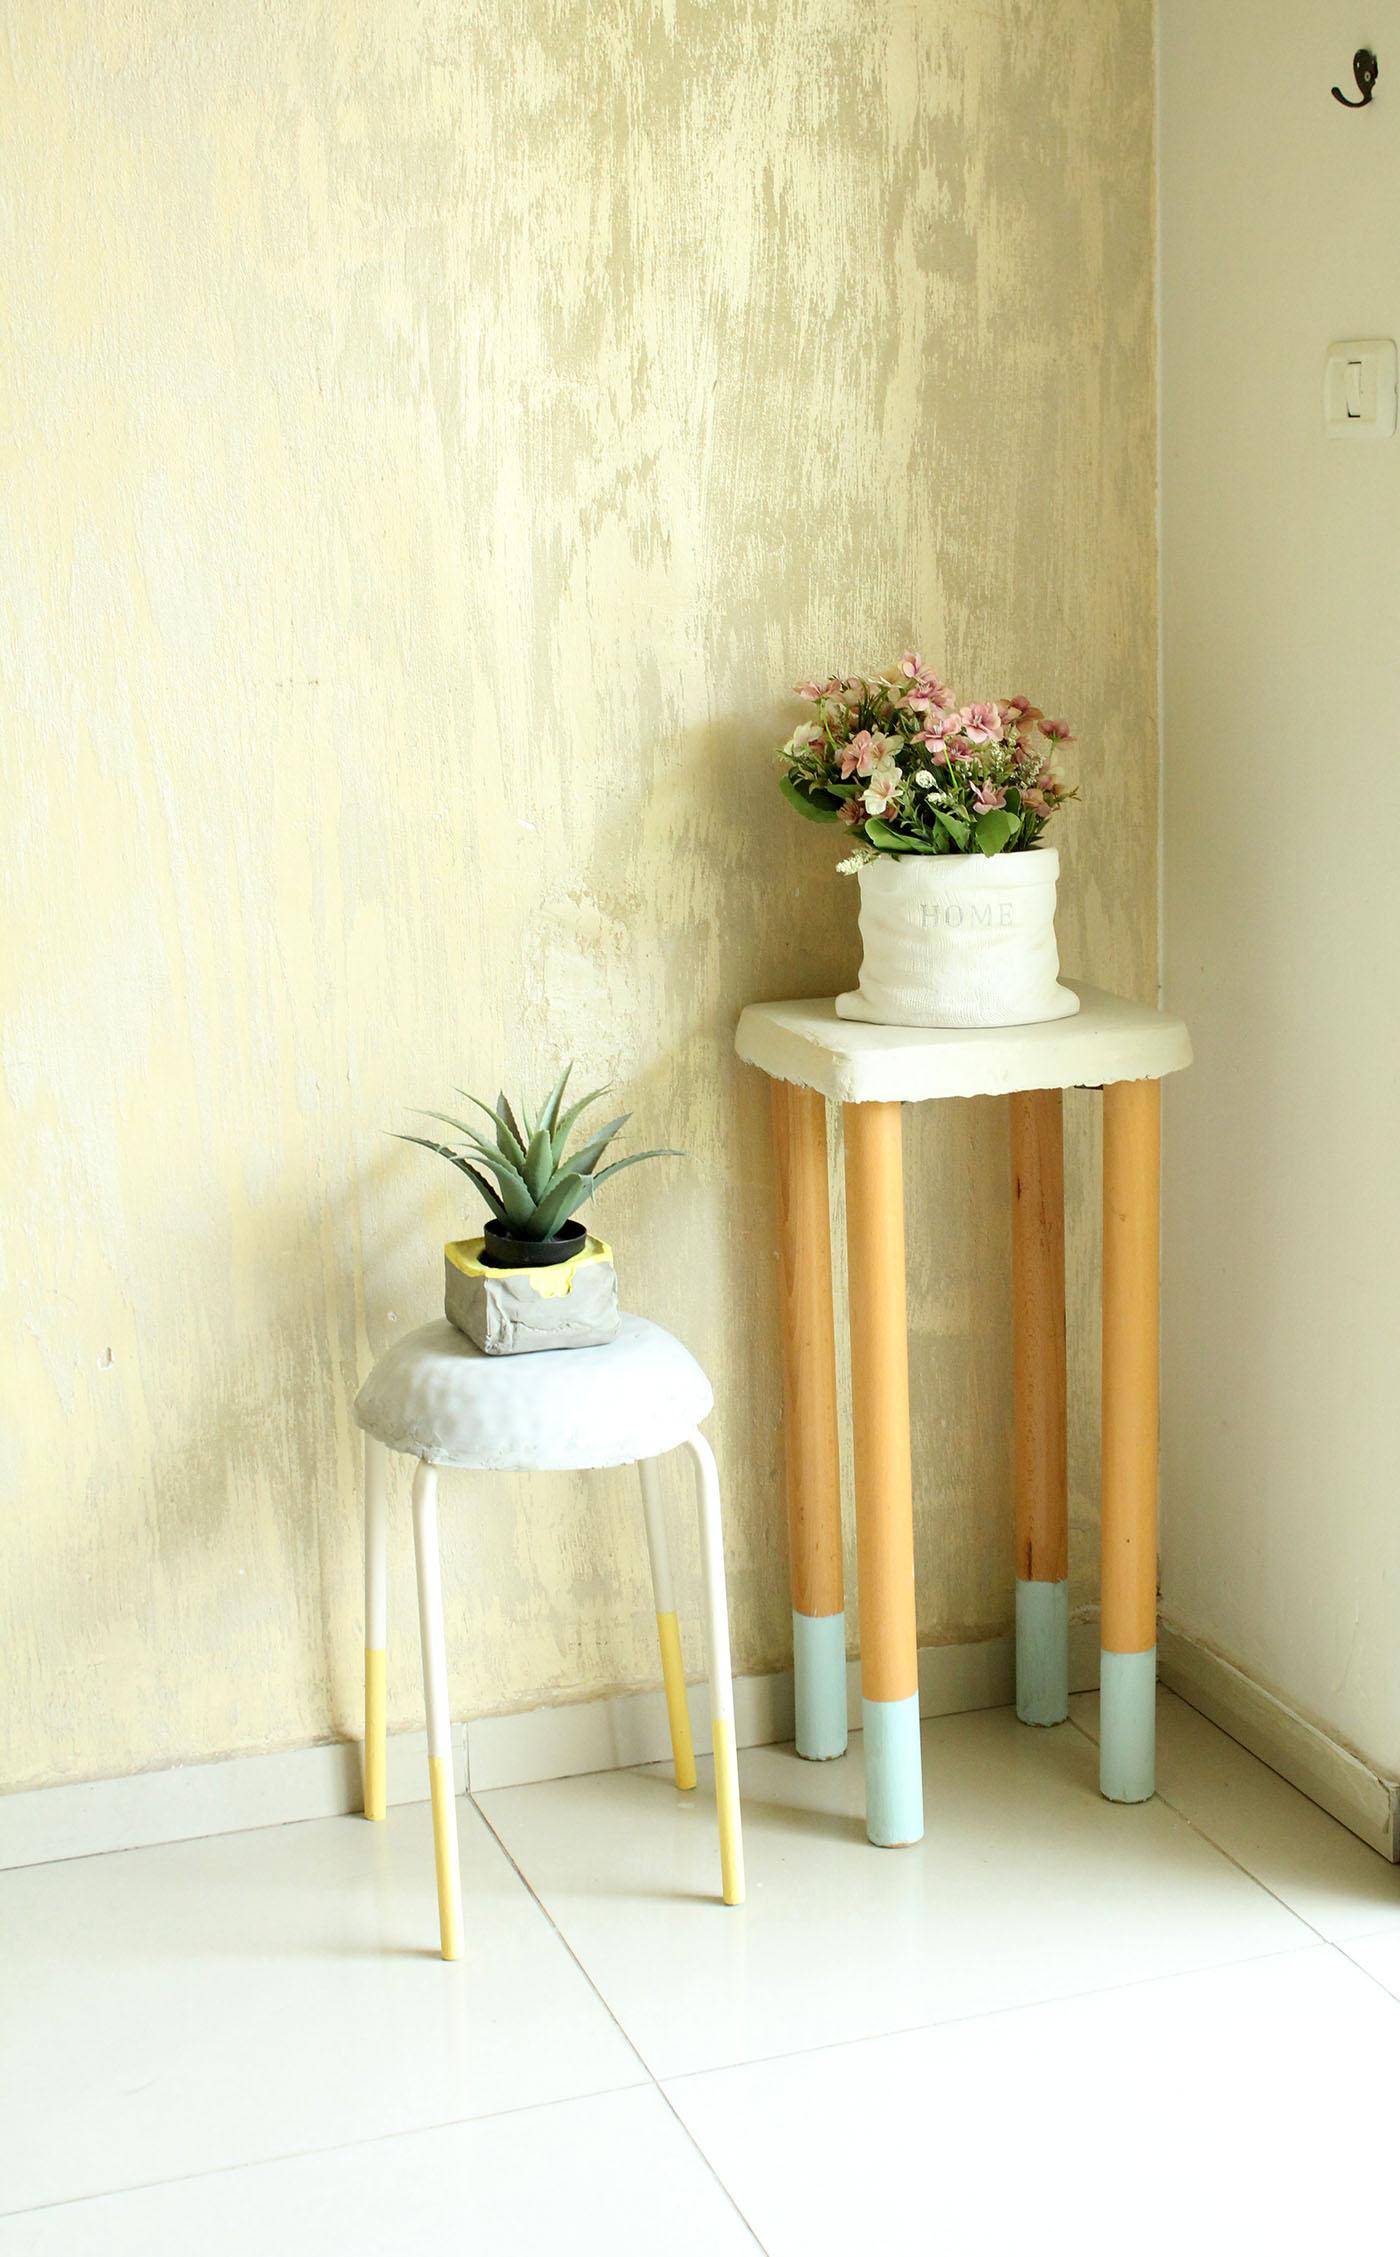 IMG 8977 - רהיטים קטנים ממלט